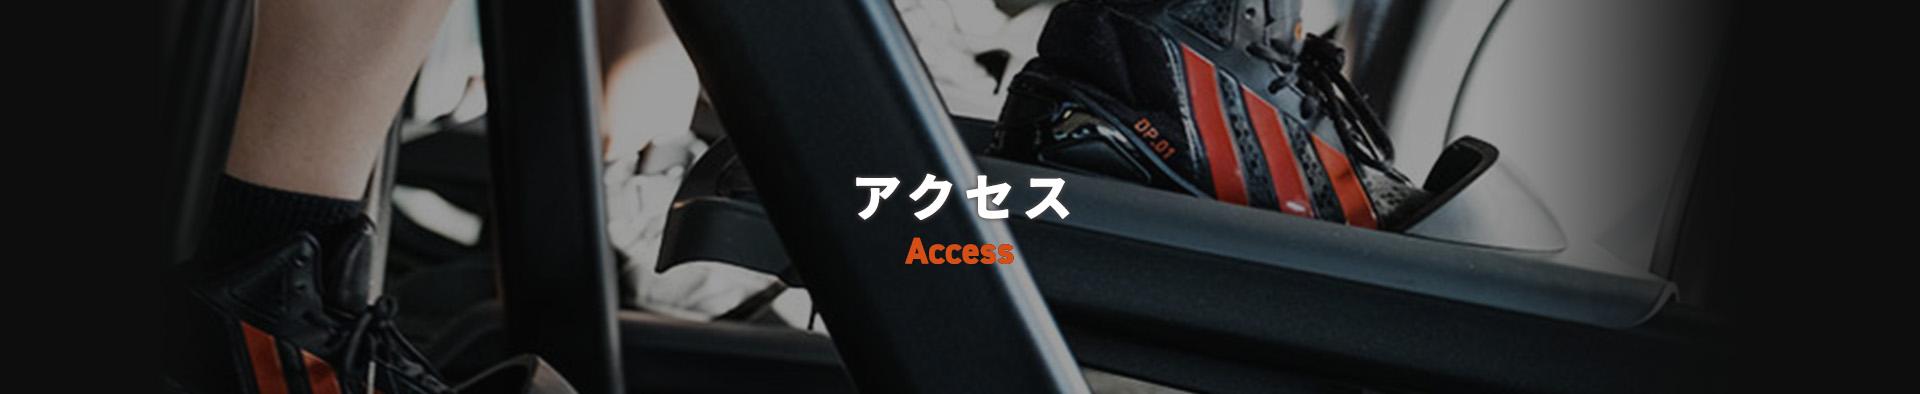 Access 店舗情報